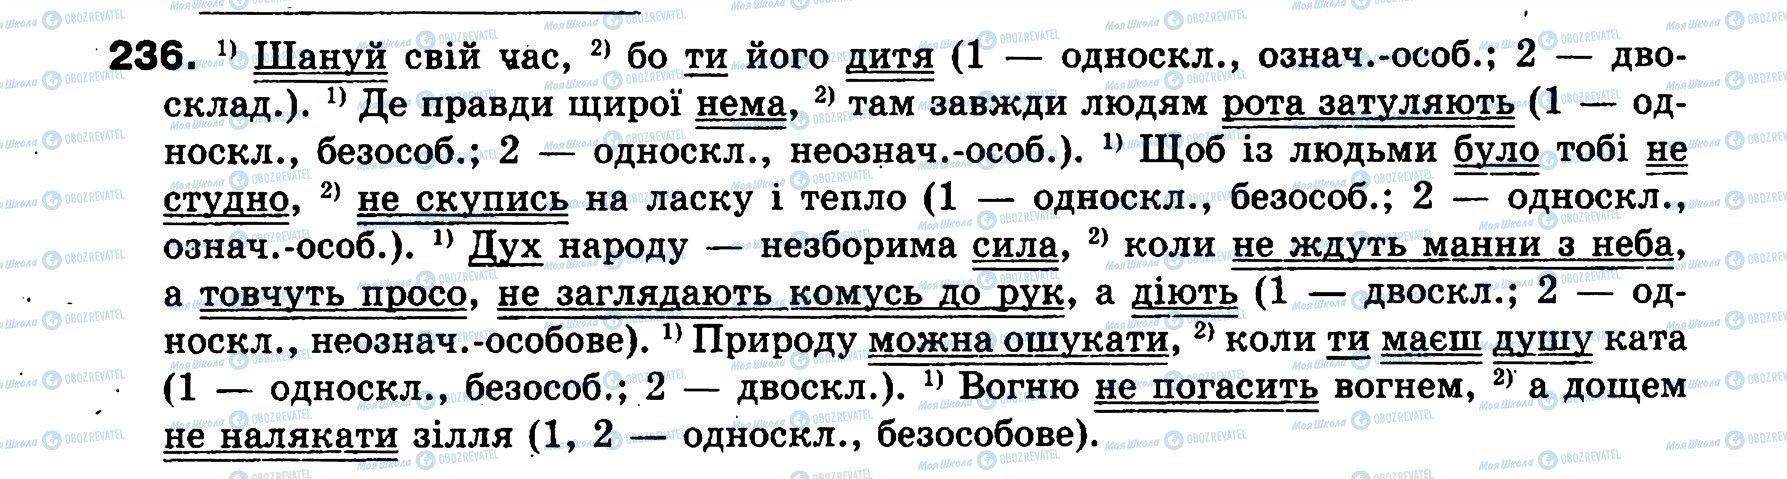 ГДЗ Українська мова 8 клас сторінка 236